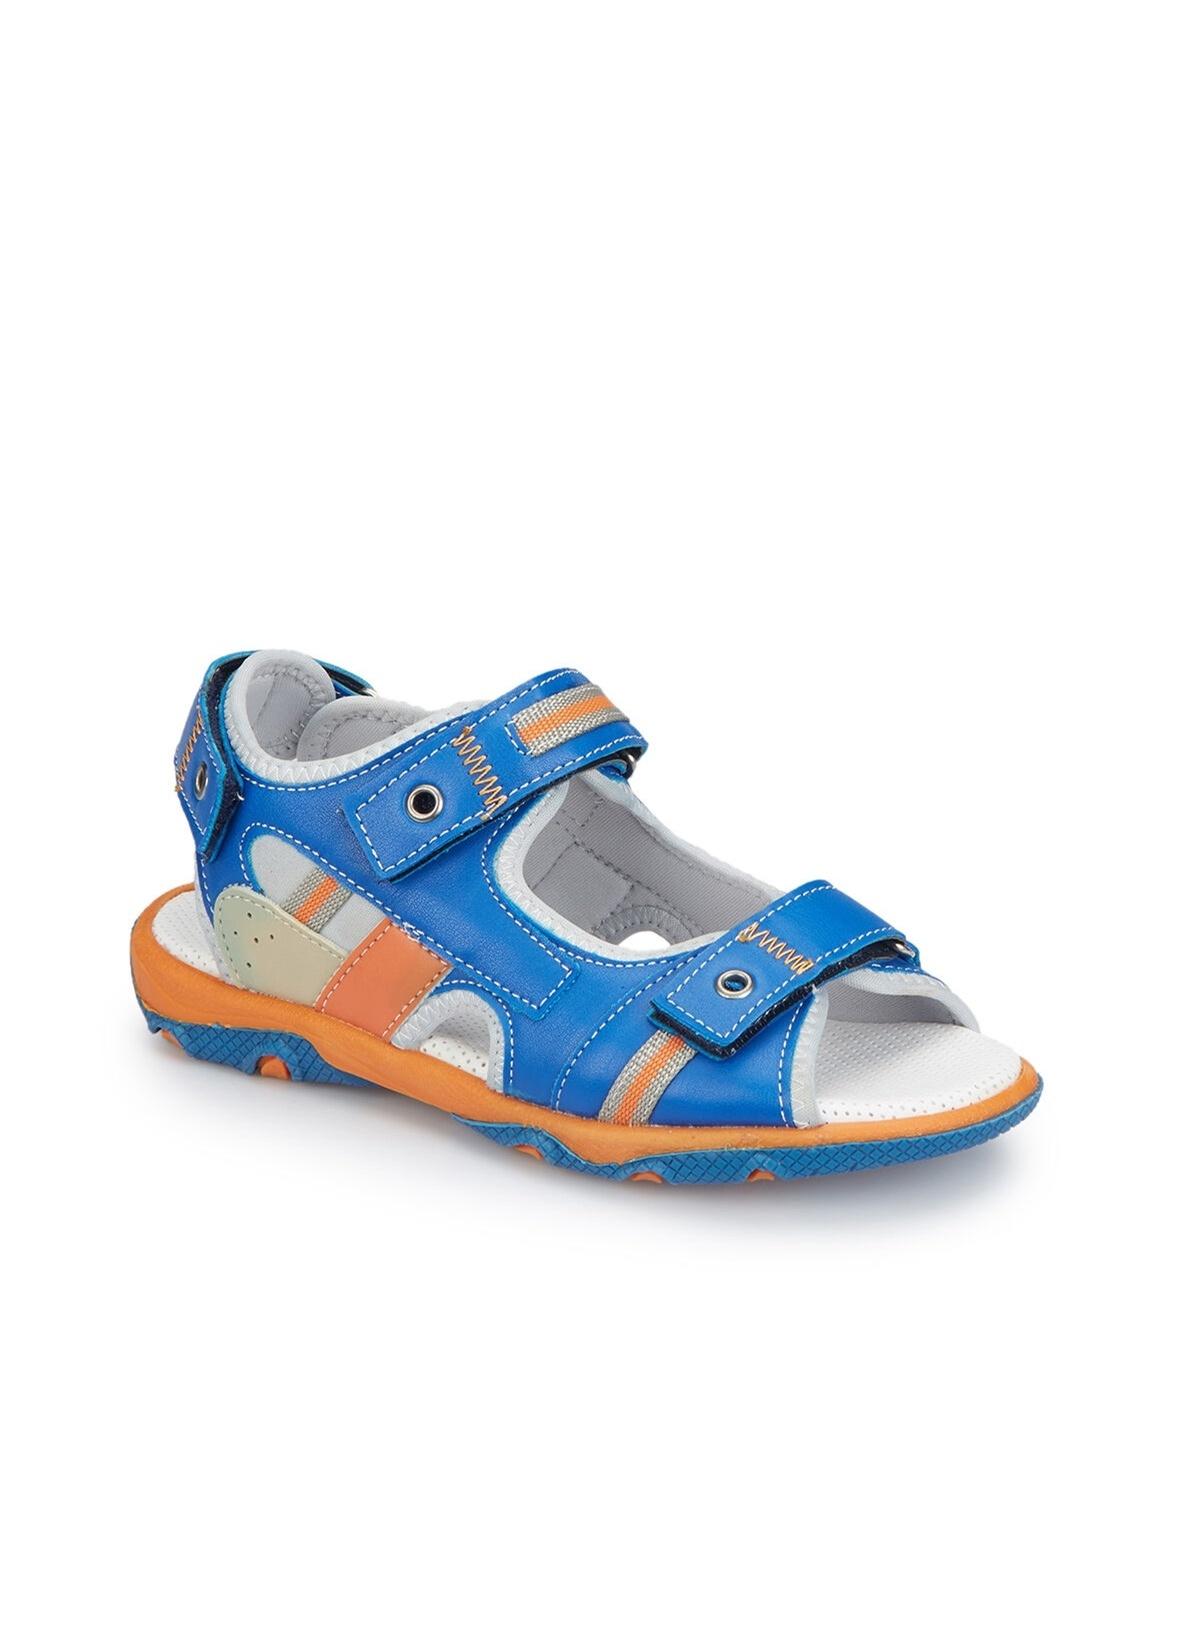 Polaris Ayakkabı 81.509267.f Athletic Ayakkabı – 89.99 TL